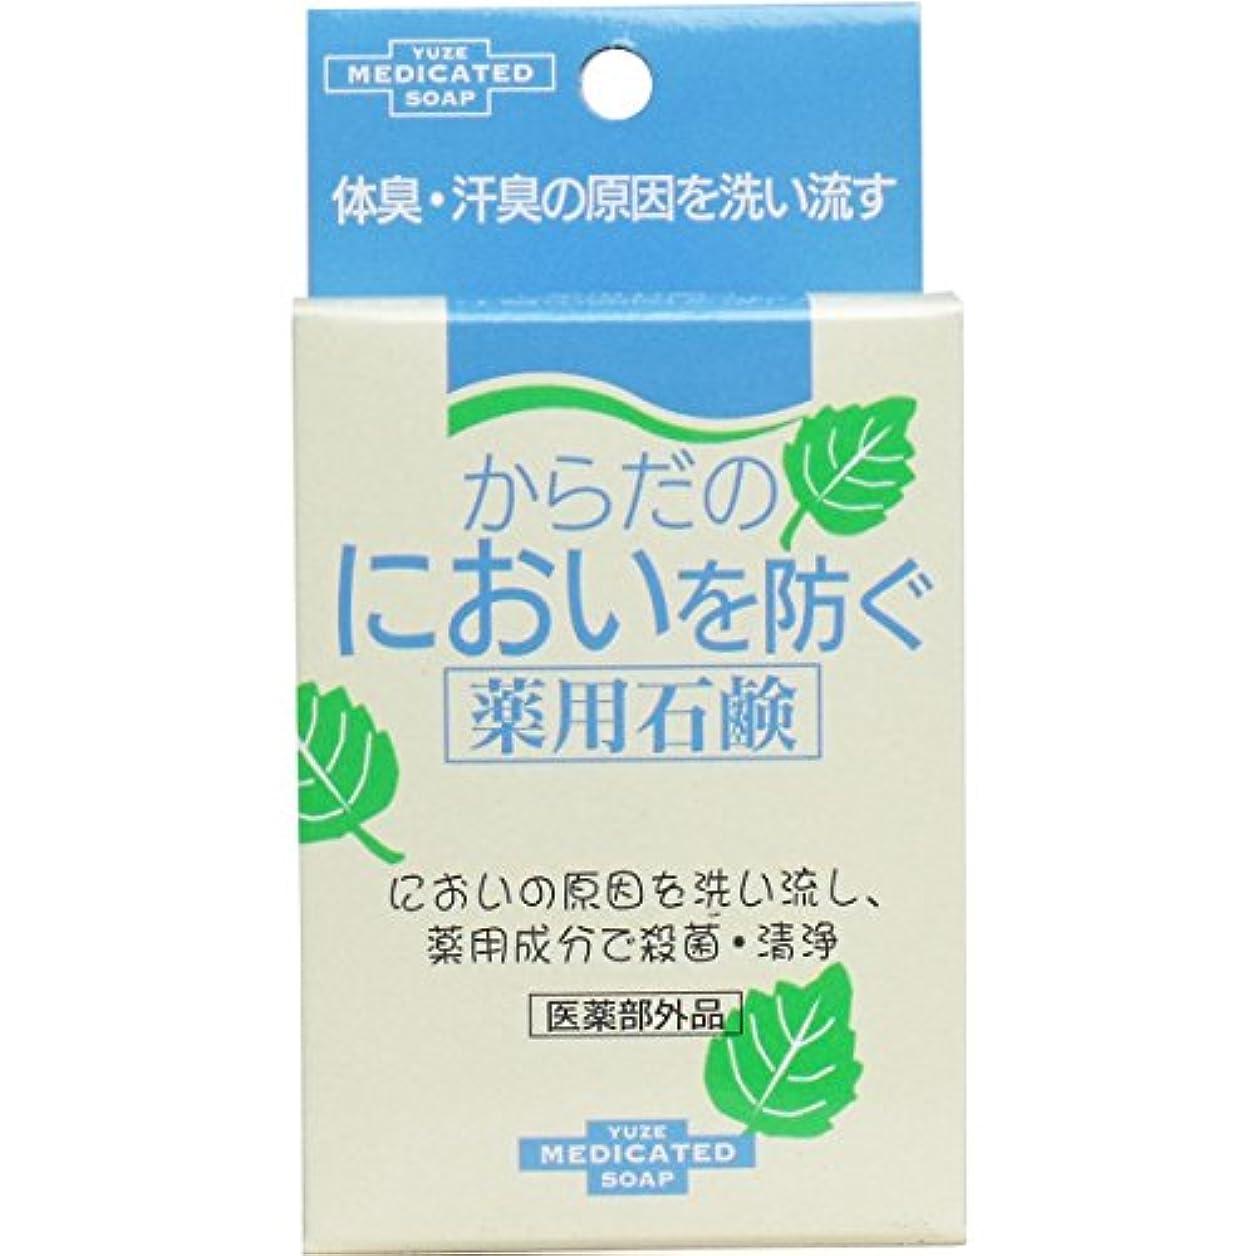 開示する素子剥ぎ取るユゼ からだのにおいを防ぐ薬用石鹸 7セット